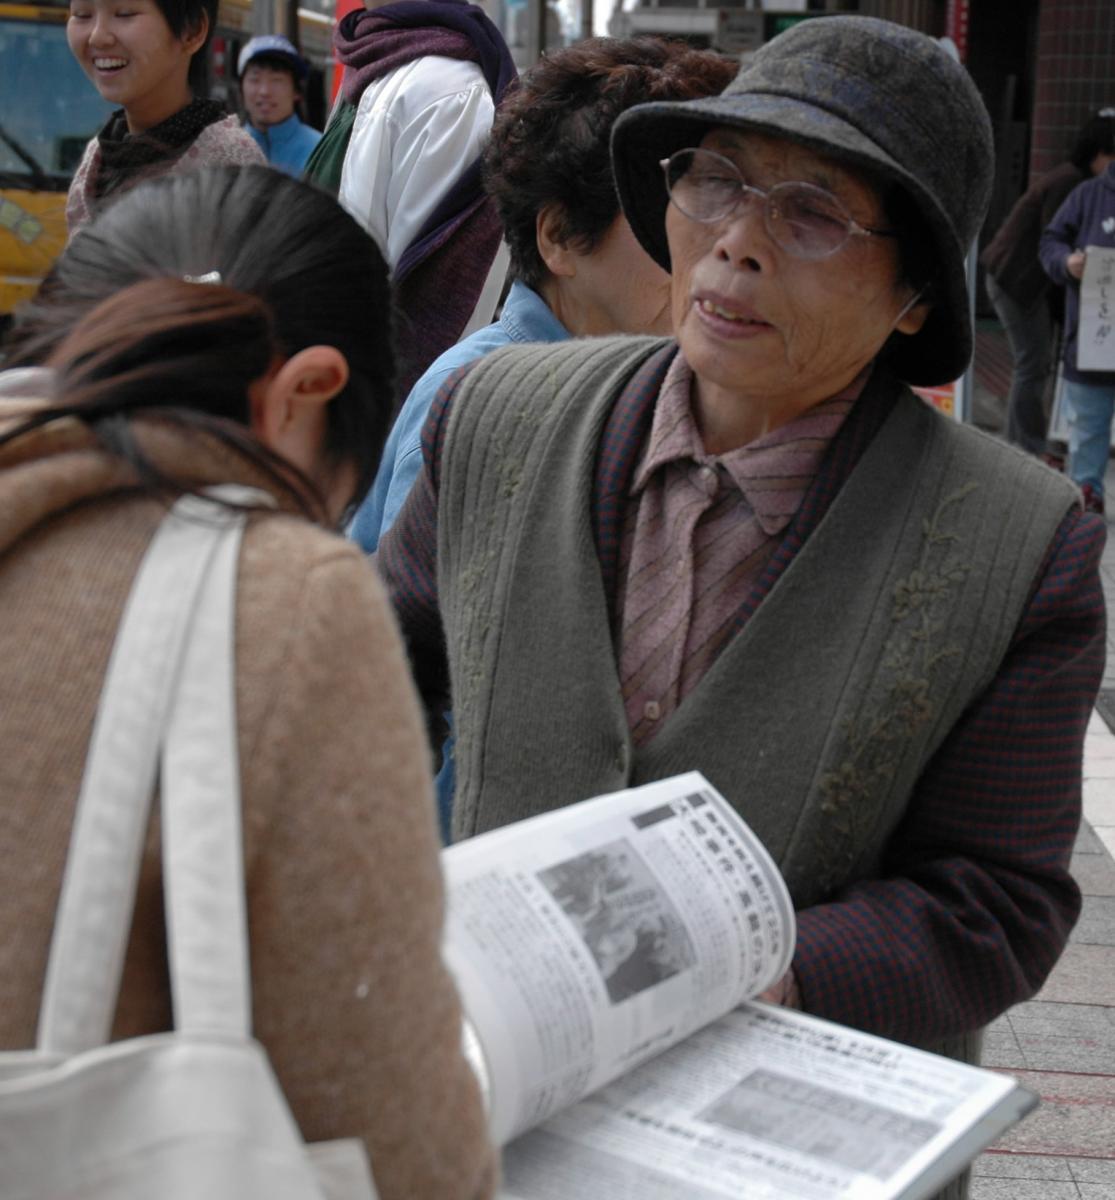 写真・図版 : 再審開始を求めて街頭書名を集めていた原口アヤ子さん=2004年12月、鹿児島市